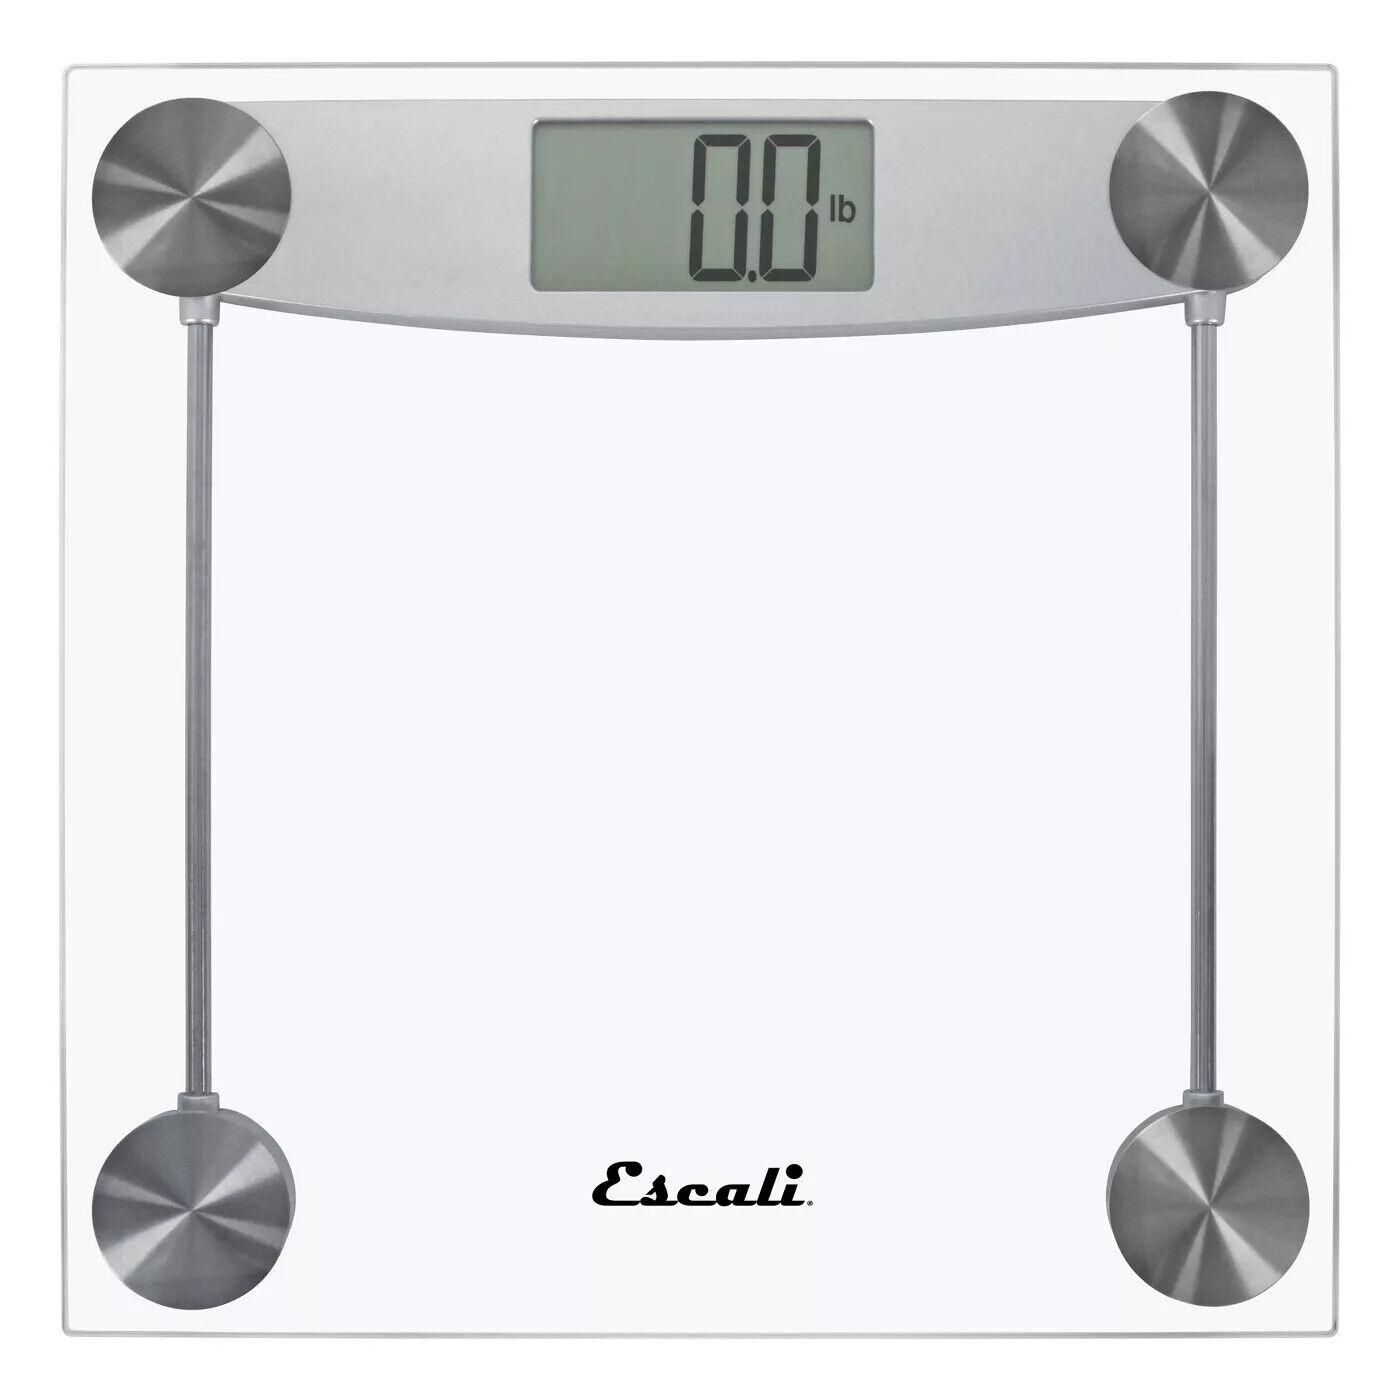 ESCALI Digital Bathroom Glass Chrome Scale E184 Body Extra Large 400lb Capacity